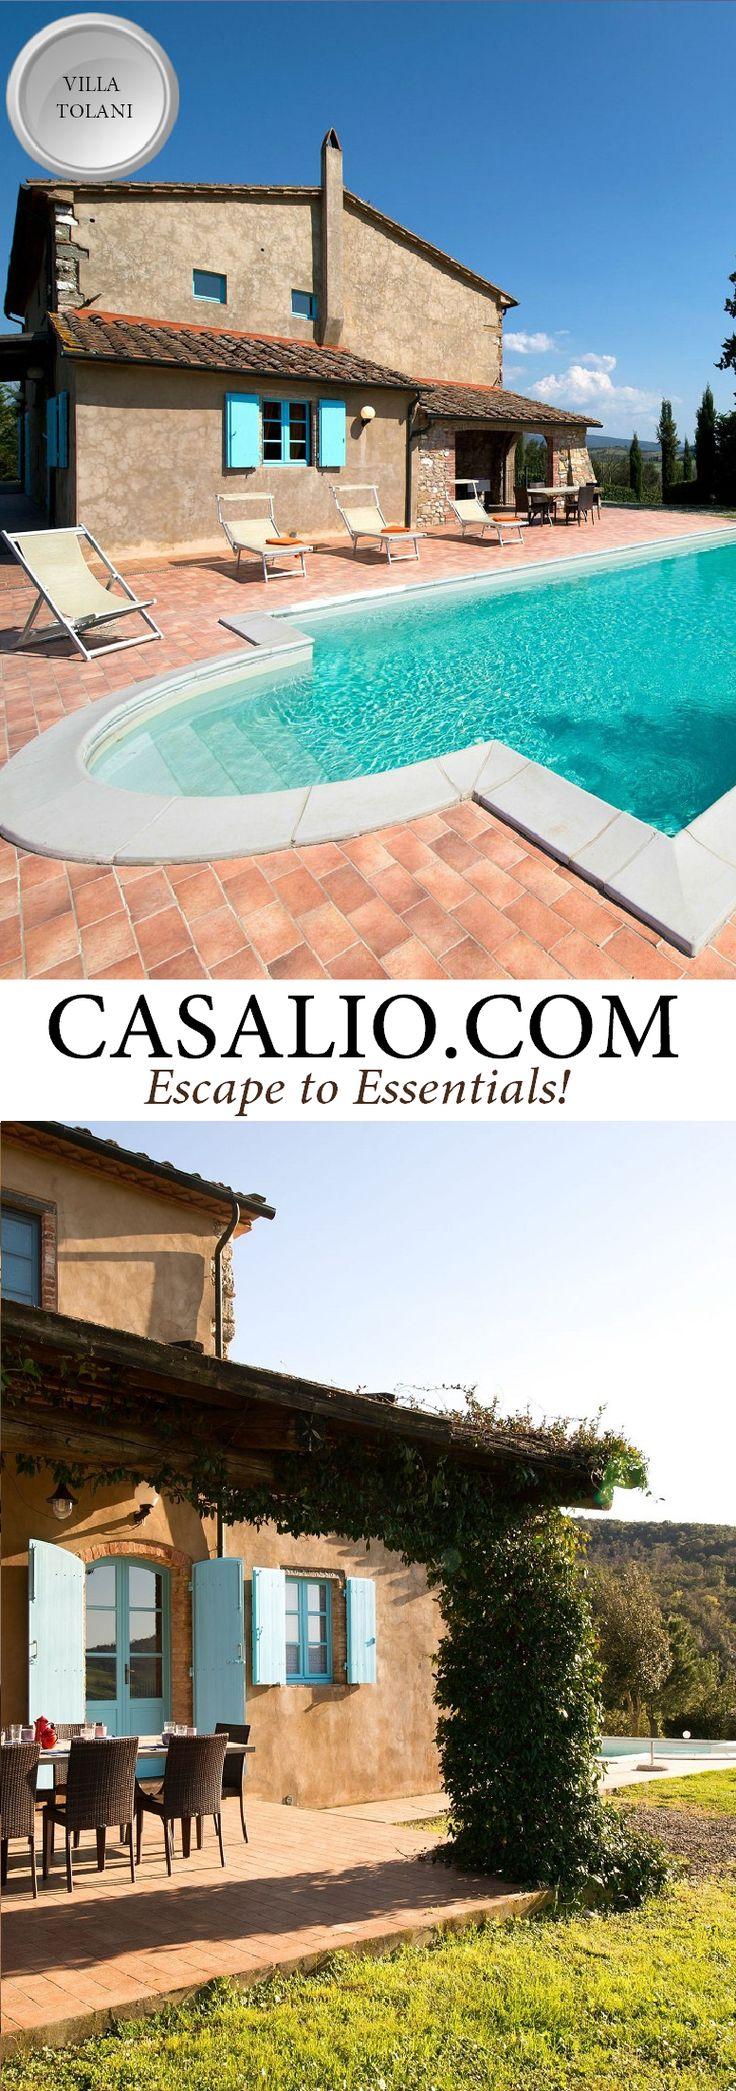 Villa Tolani || Italy, Tuscany, Pisa, Guardistallo, Villa…#villarental #ferien #ferienvilla #ferienhaus #italien #urlaub #reisen #holiday #vacation #travel #italia #casavacanze